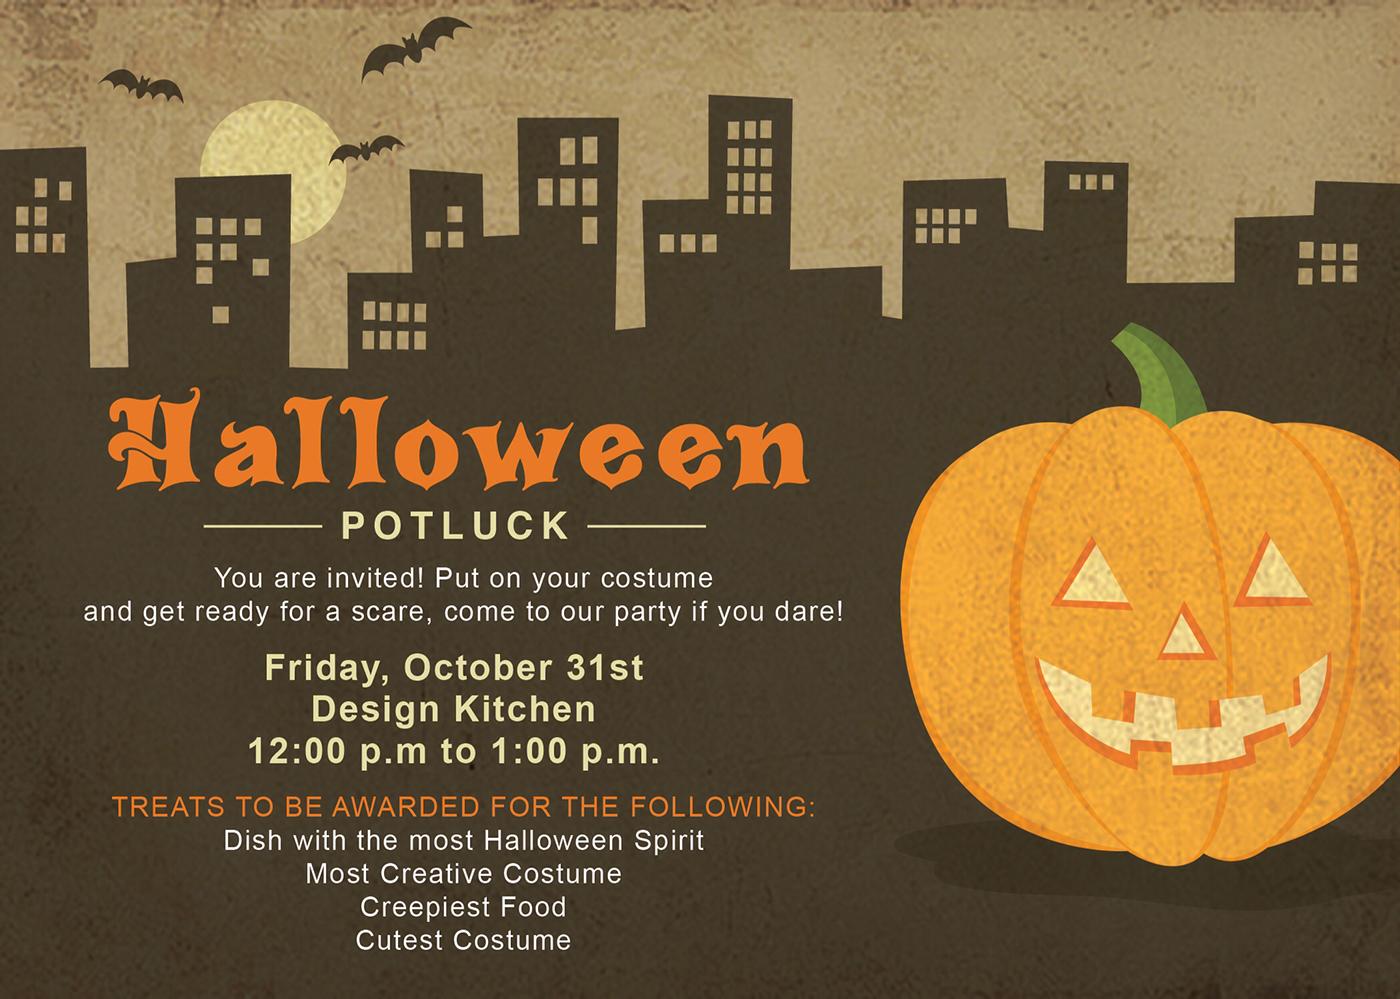 Halloween Potluck Invitation on Behance